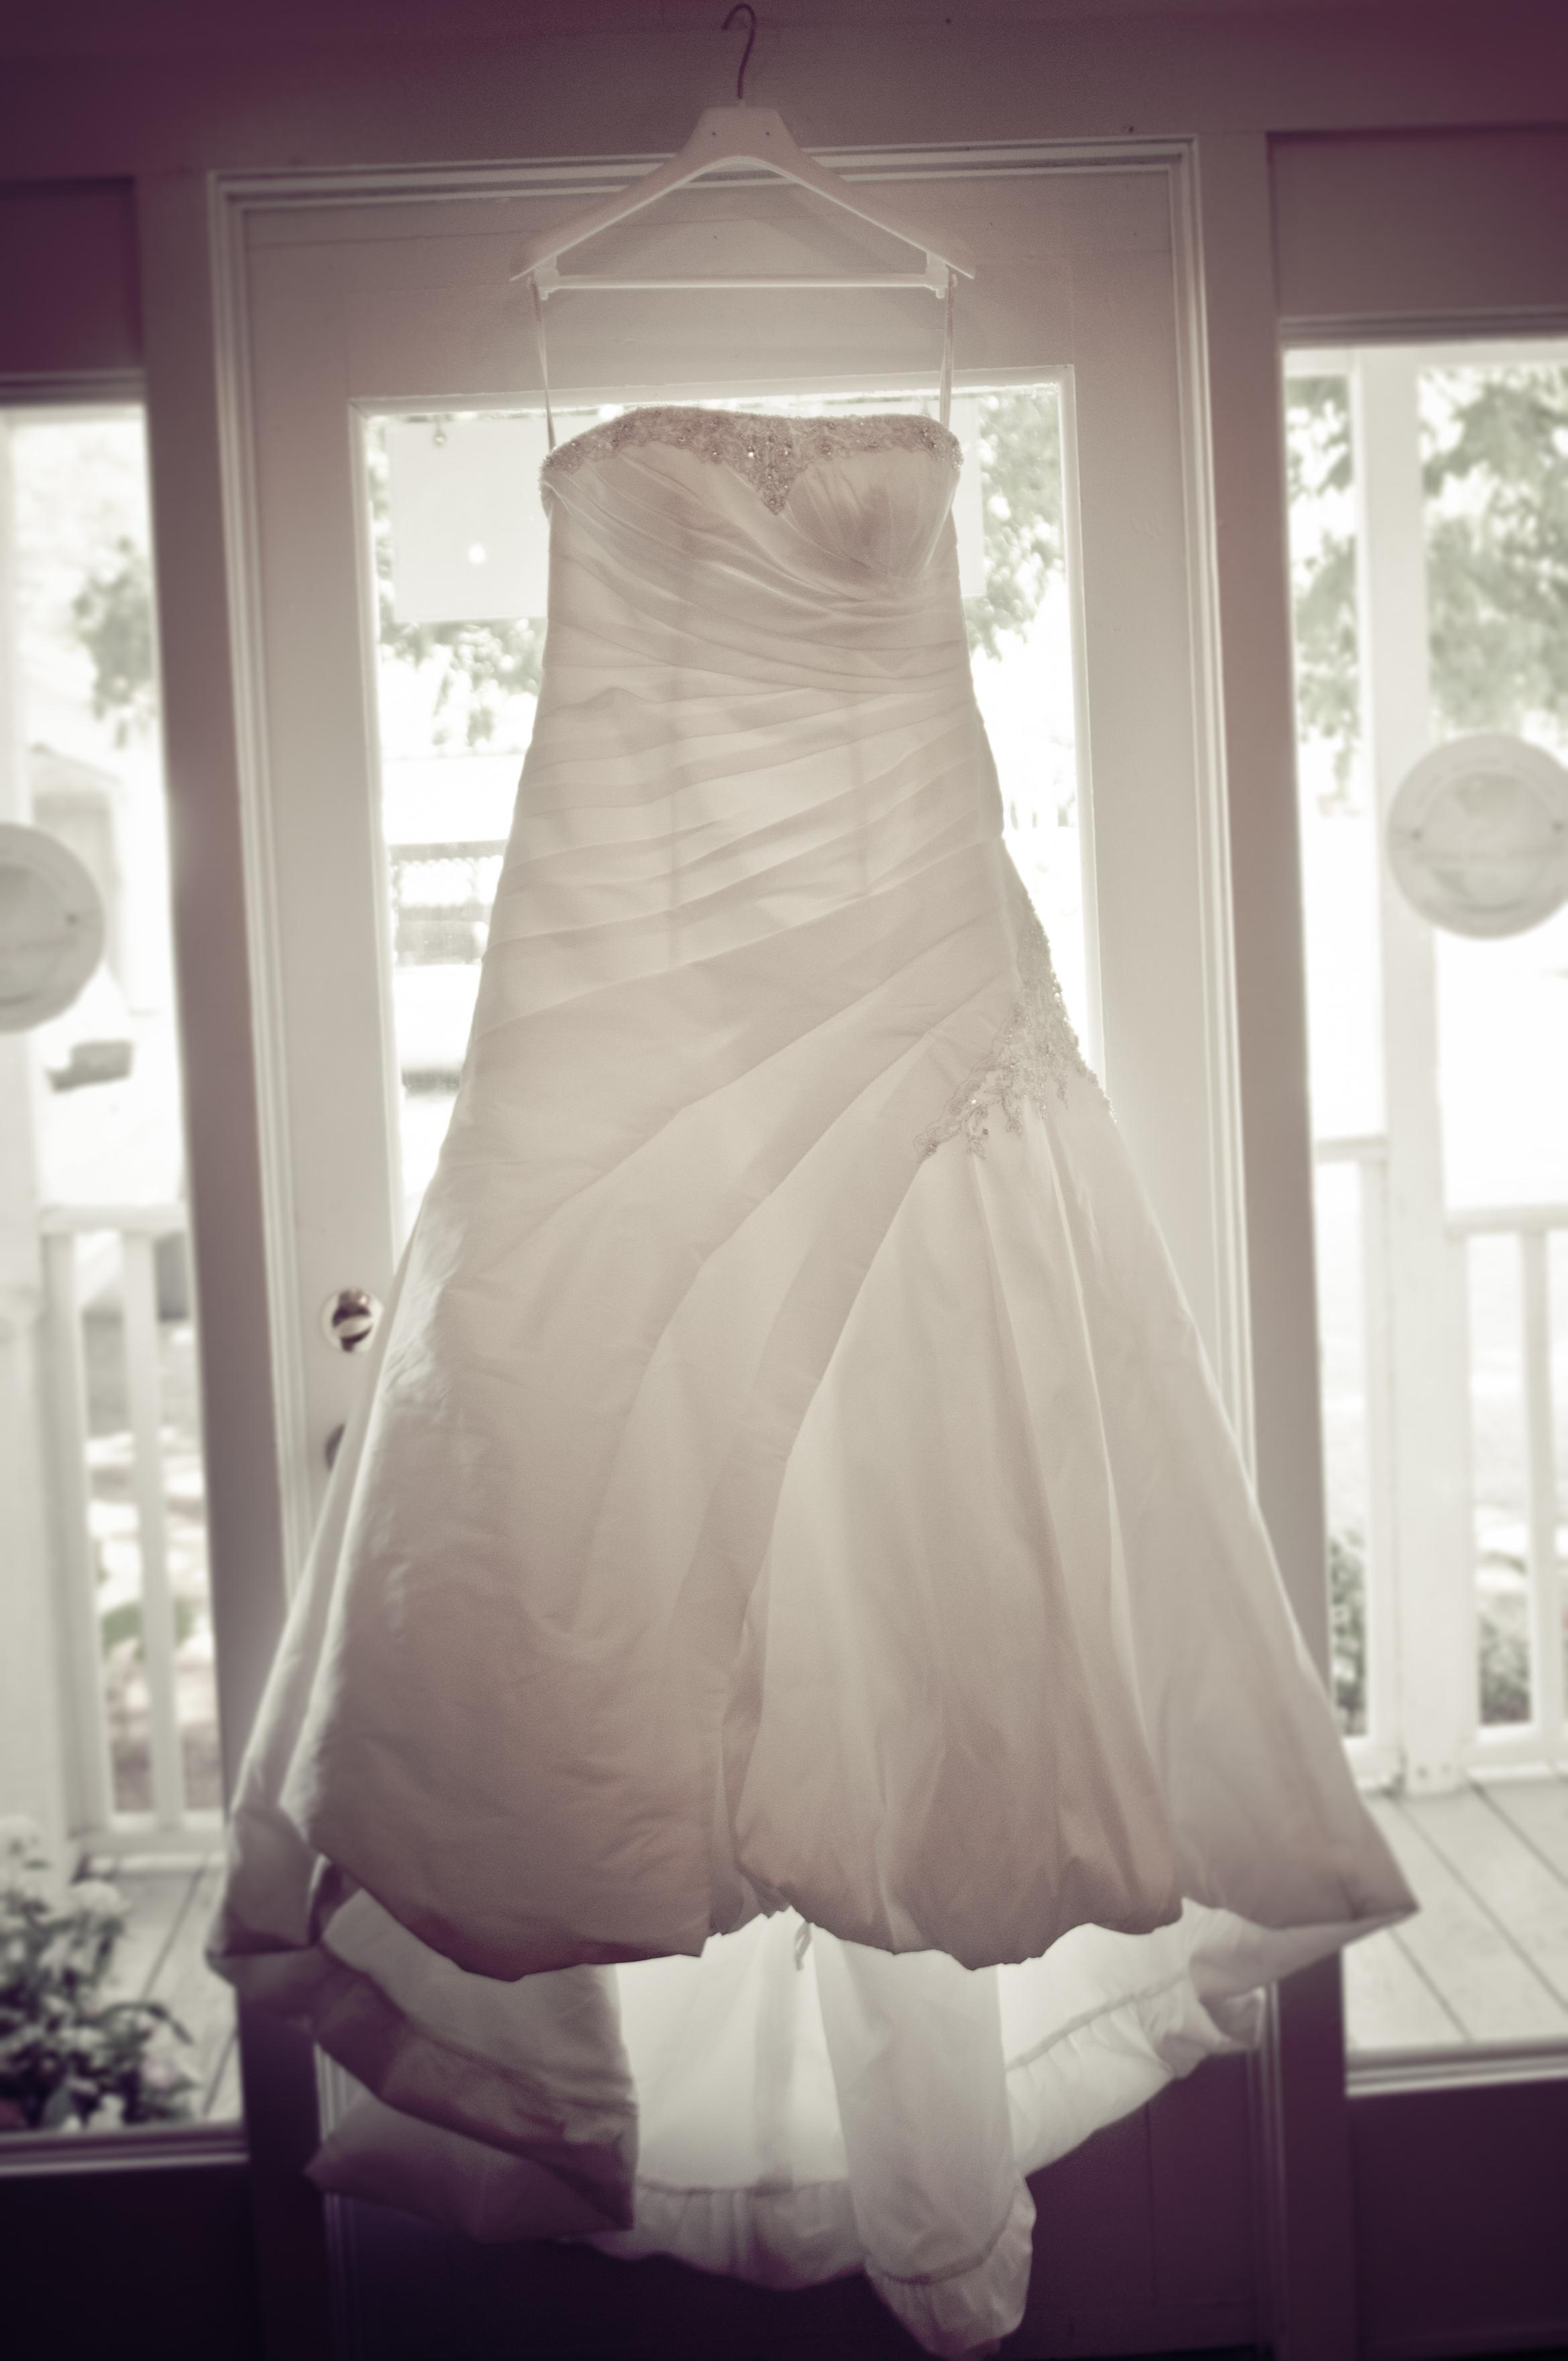 ee Wedding Getting Ready-41.jpg